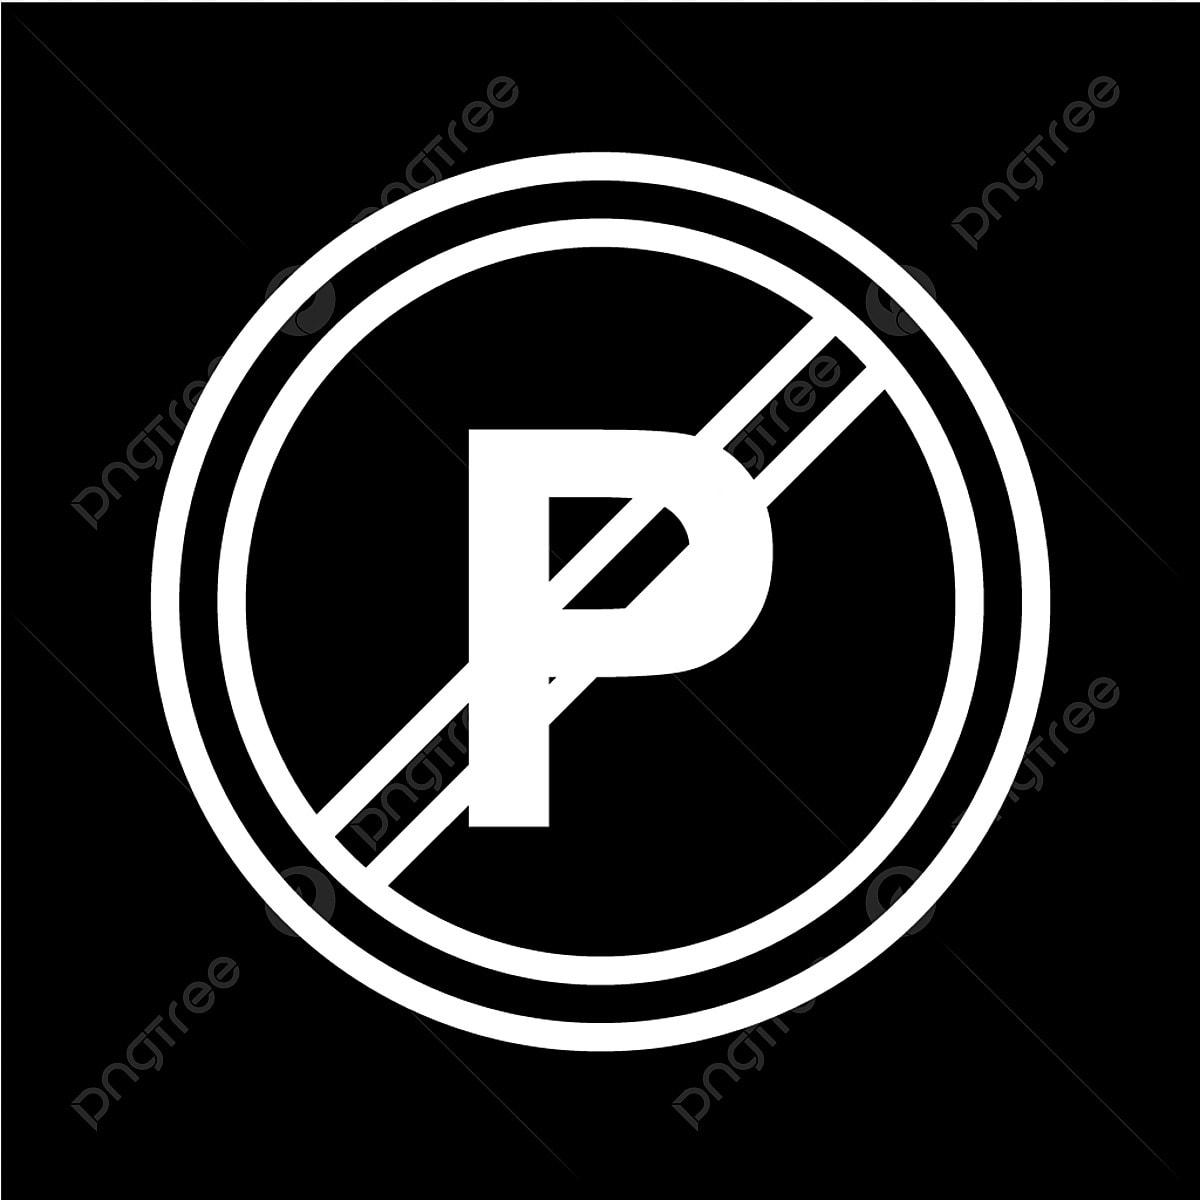 Stationnement Interdit Png Images Vecteurs Et Fichiers Psd Telechargement Gratuit Sur Pngtree